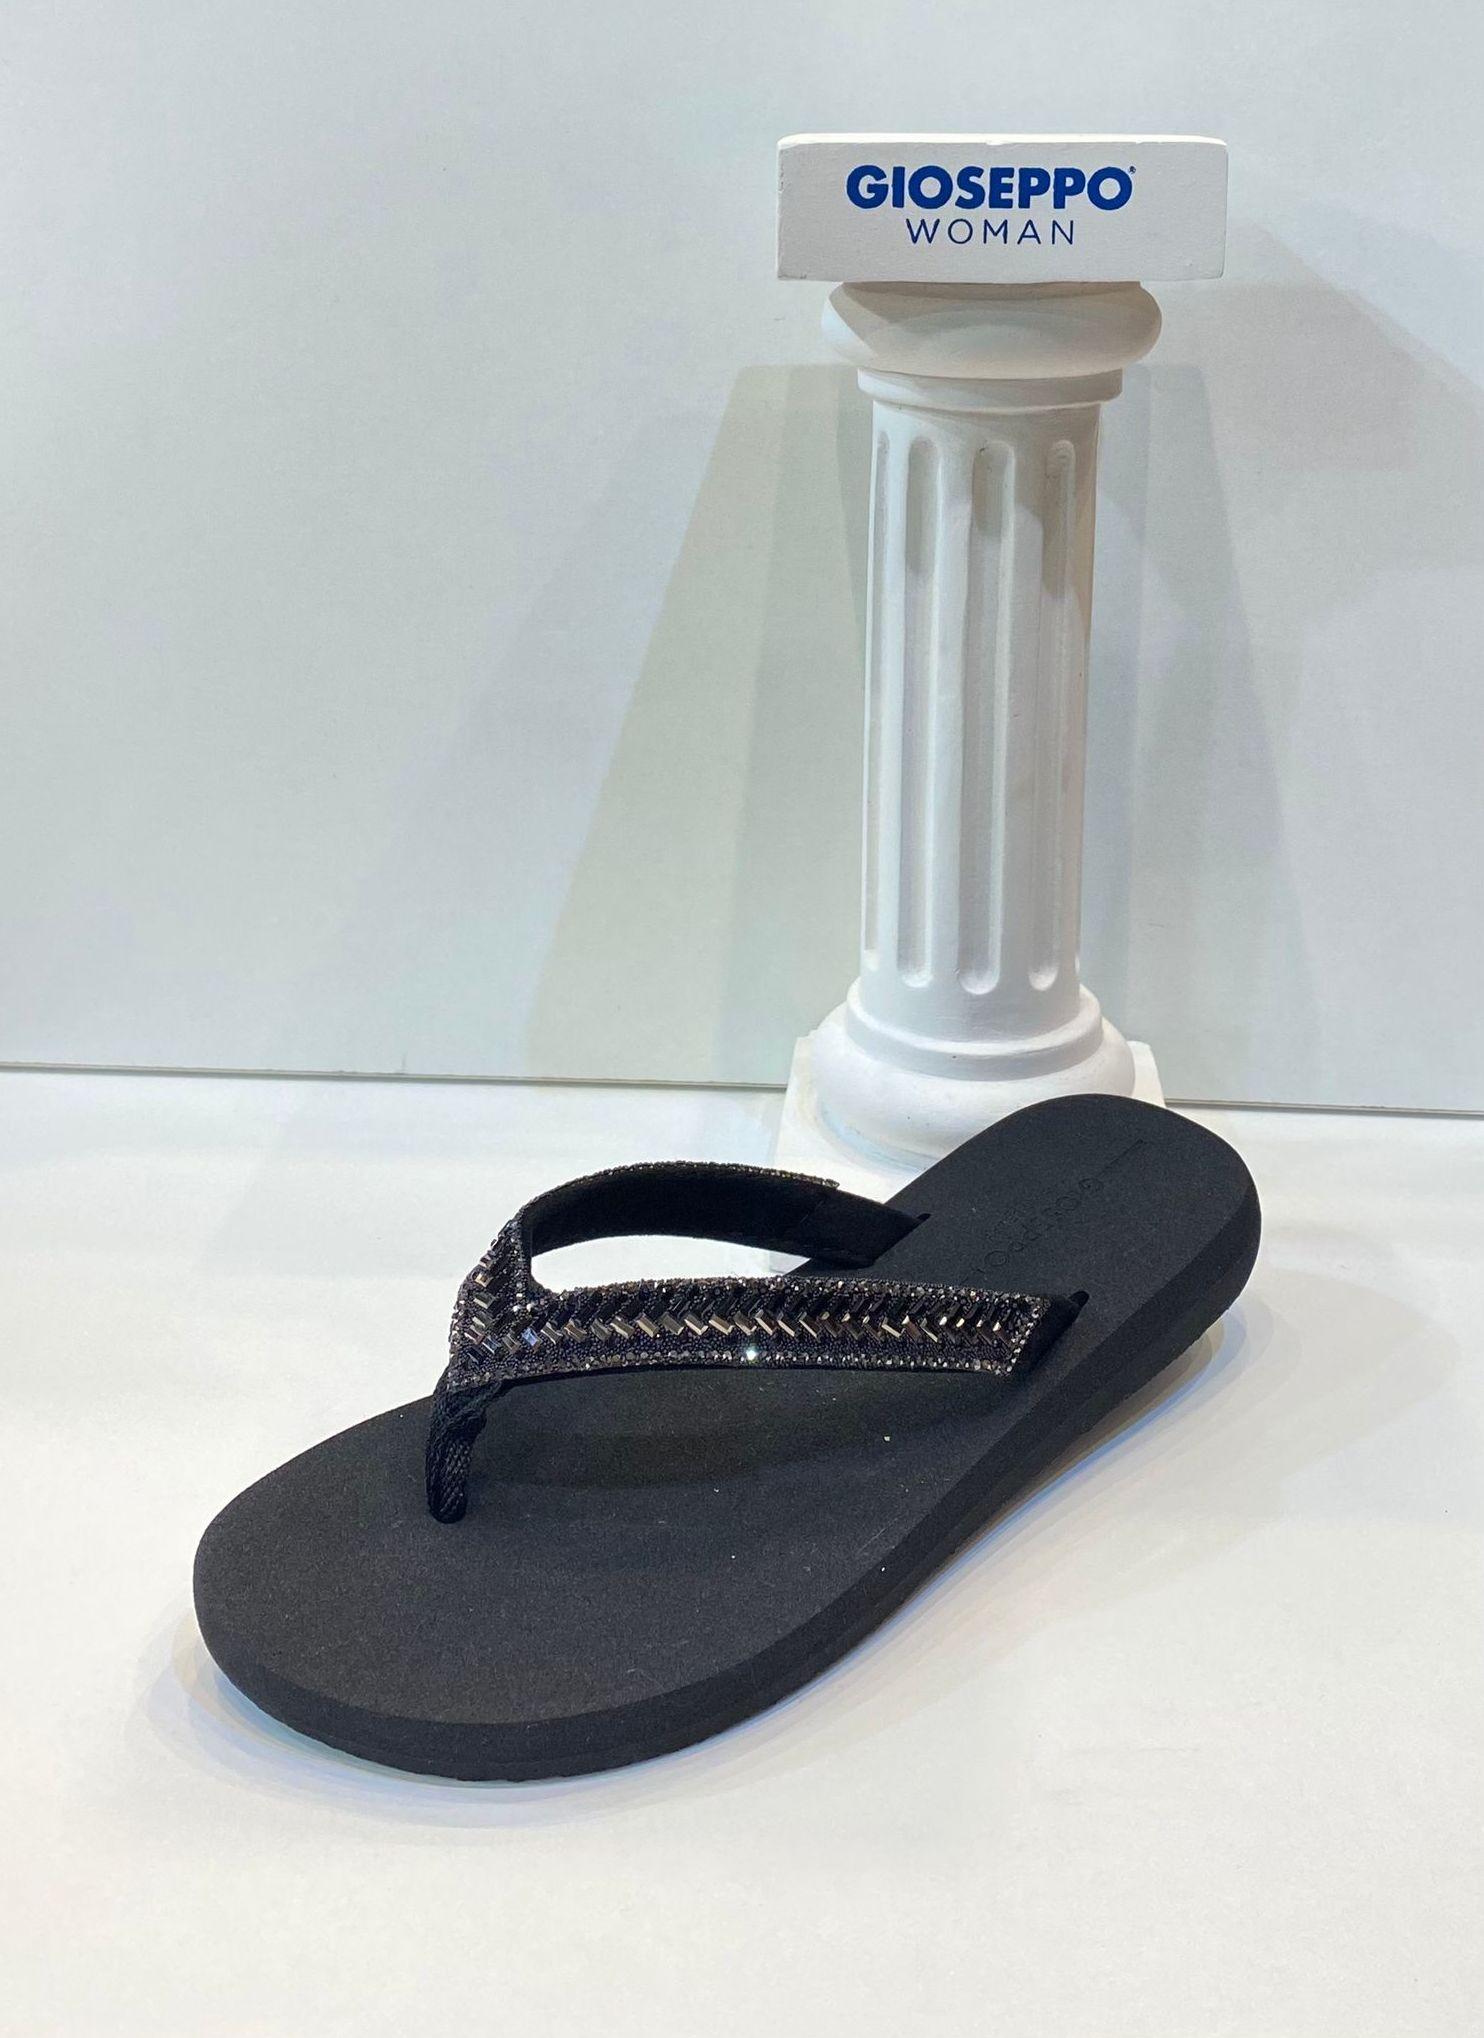 Esclava de dona, de la marca Gioseppo, per a caminar i mullar 22.95€